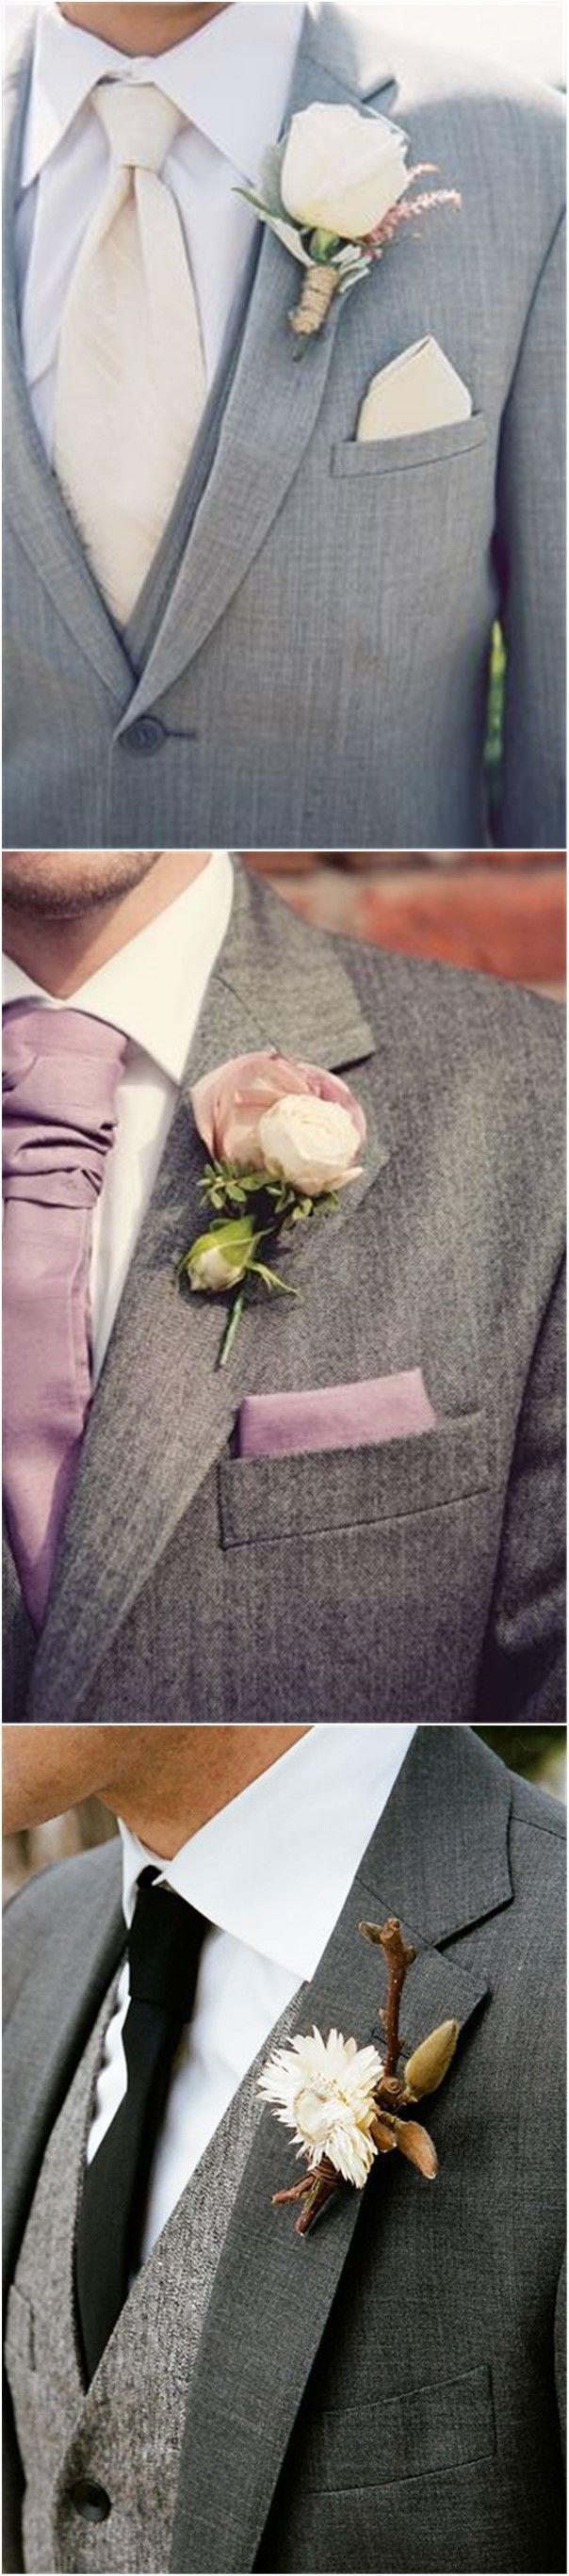 36 Bräutigam-Anzug, der Ihre einzigartigen Stile und Persönlichkeiten zum Ausdruck bringt